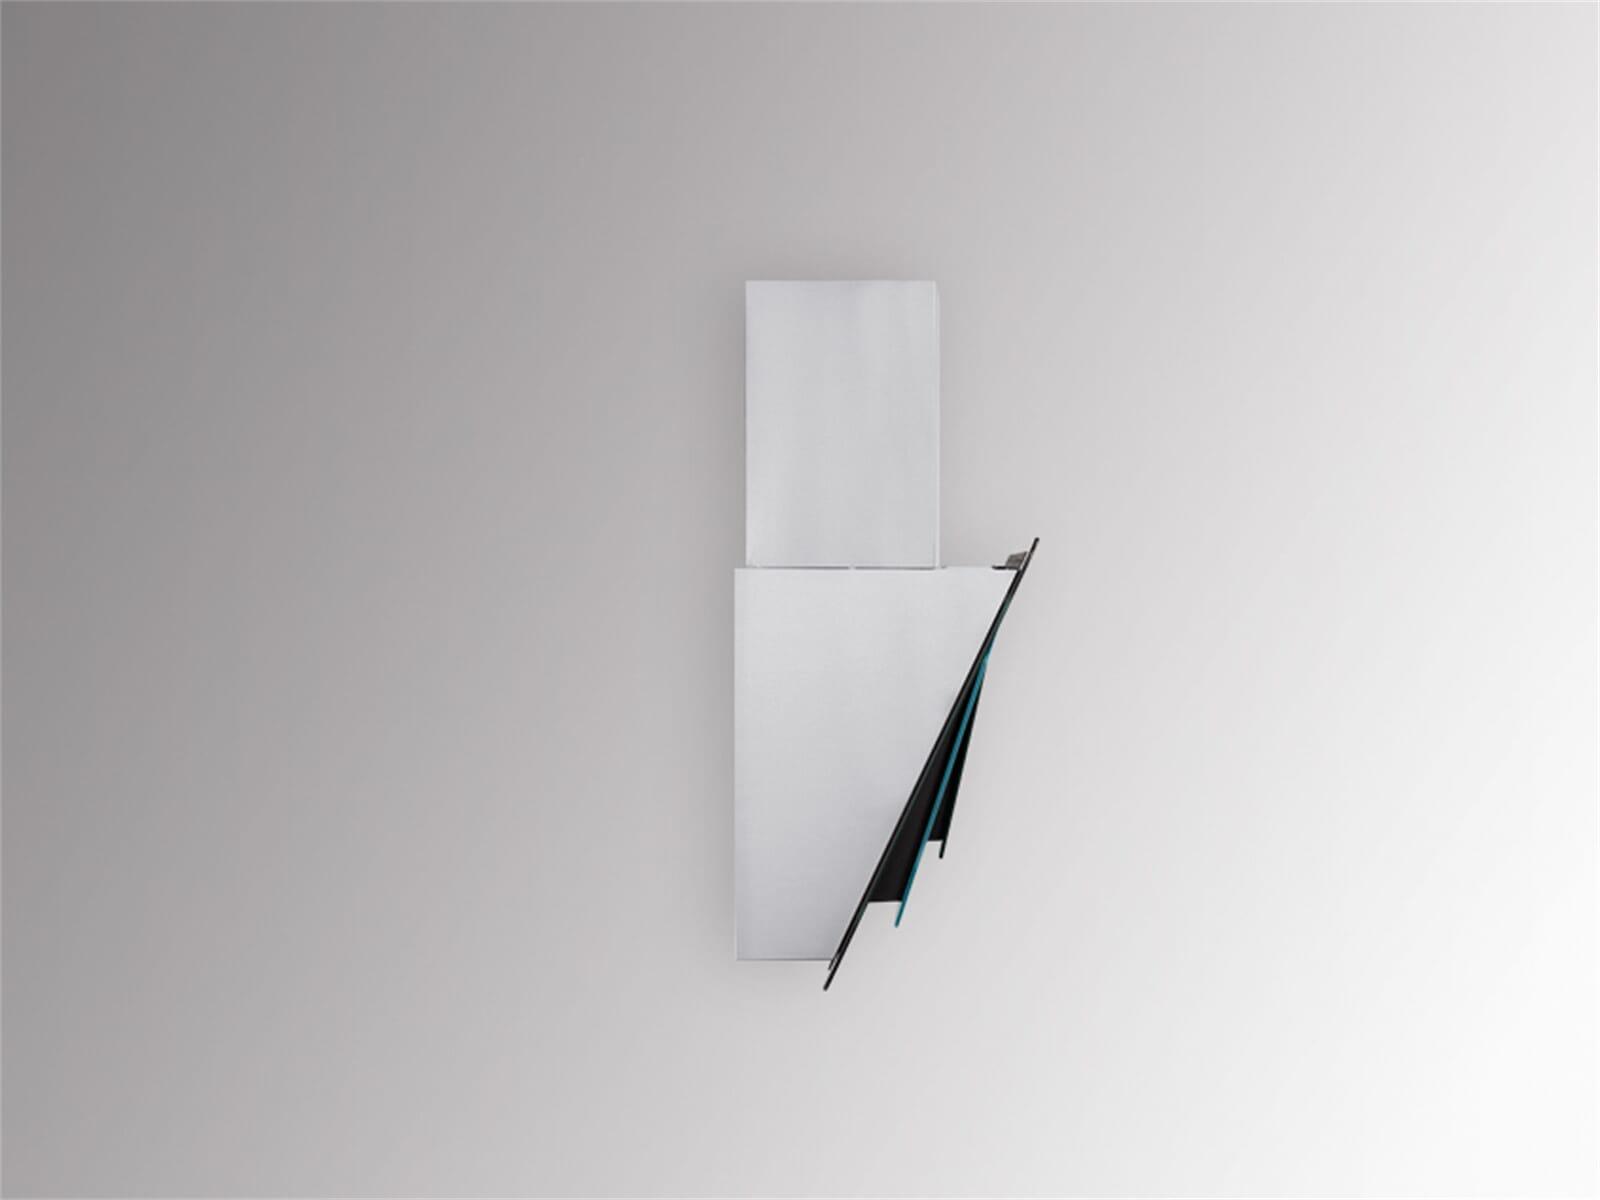 Silverline alya premium ayw b kopffreihaube glas schwarz